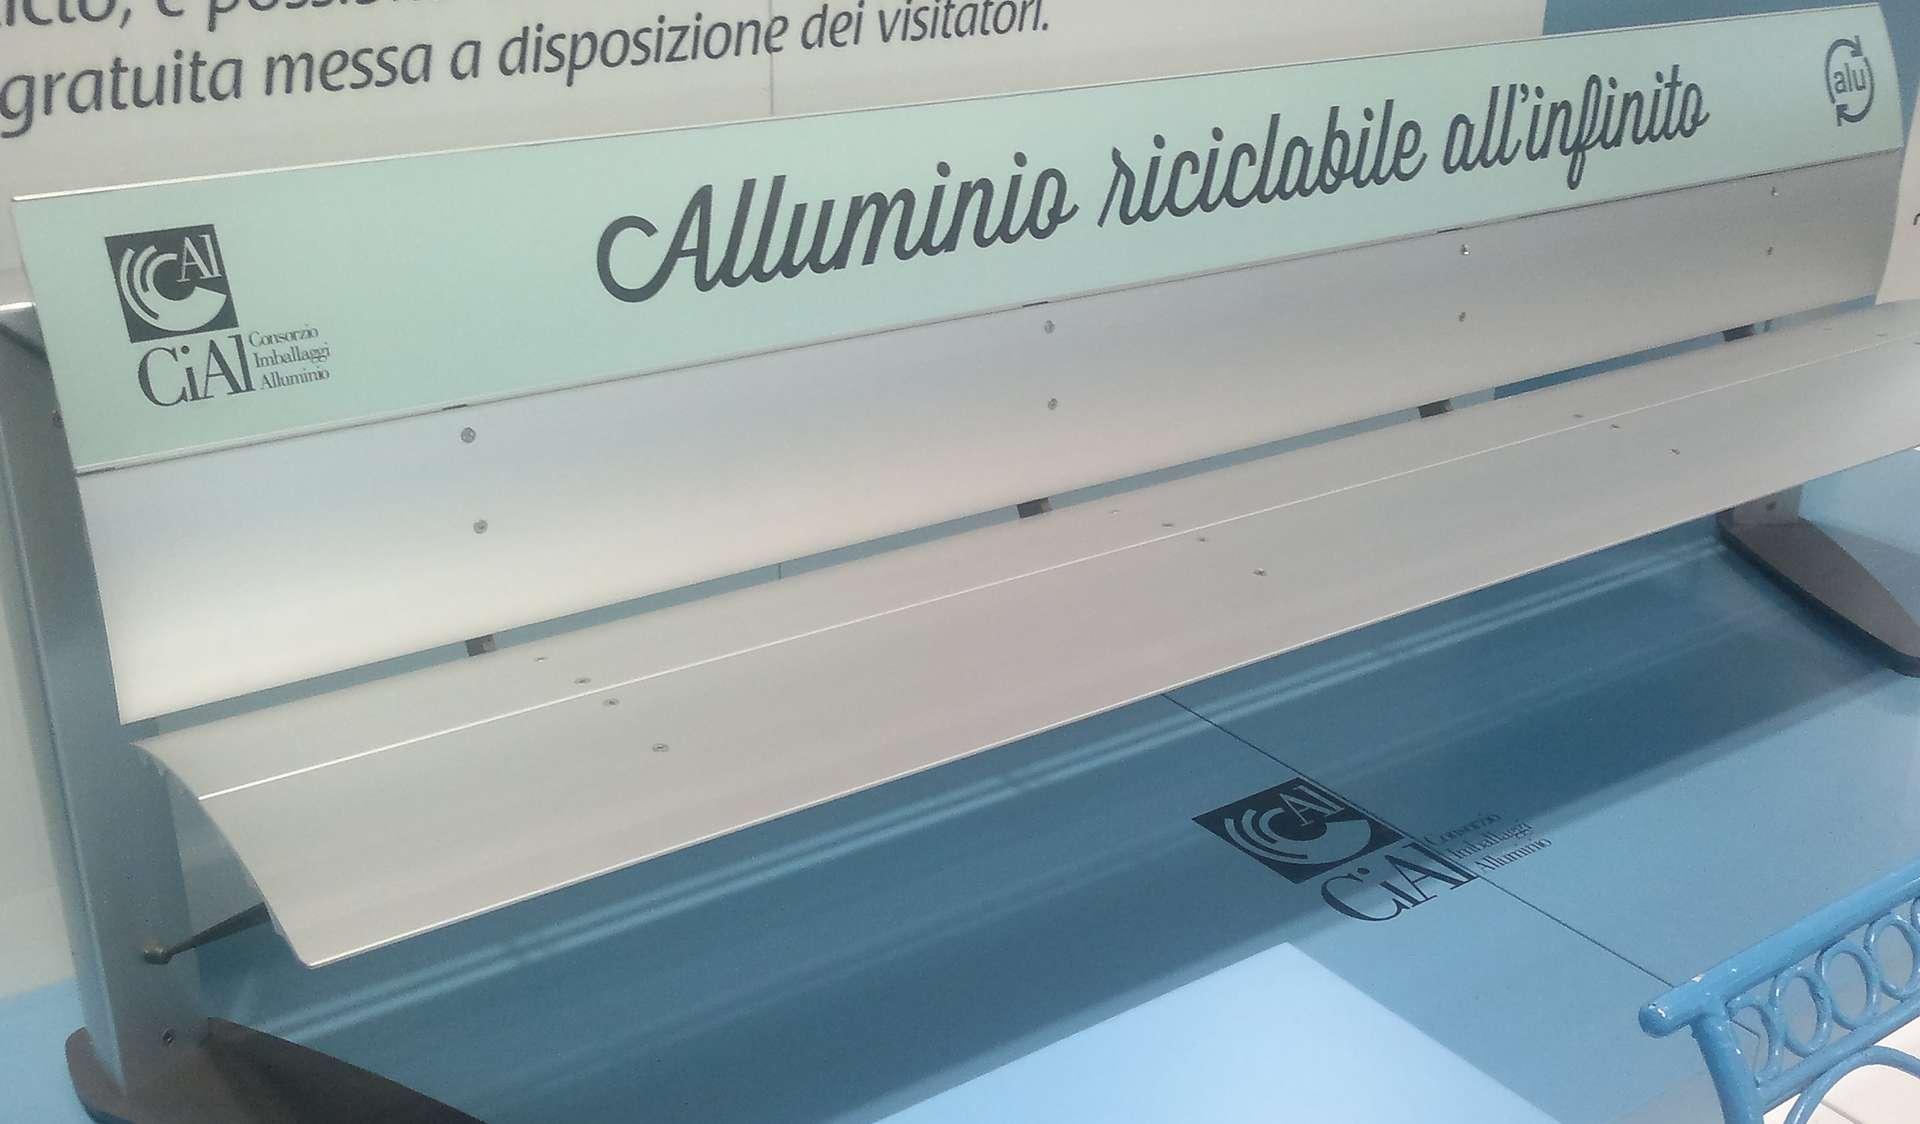 Da CiAl il Premio Resa 2018 alla raccolta differenziata dell'alluminio